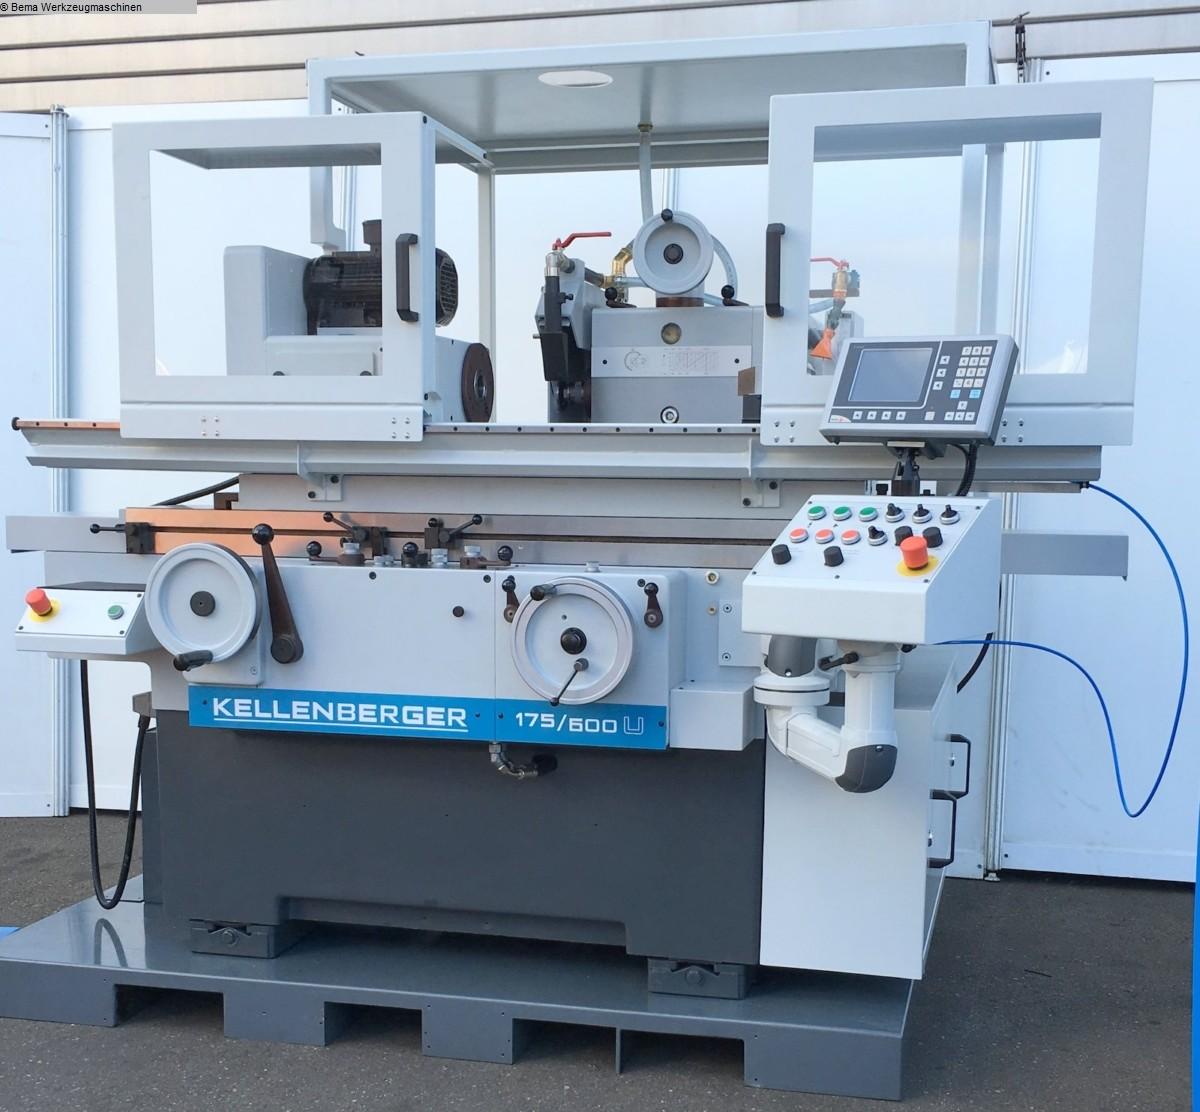 gebrauchte Maschine Rundschleifmaschine - Universal KELLENBERGER 600U BEMA-VISION 2016